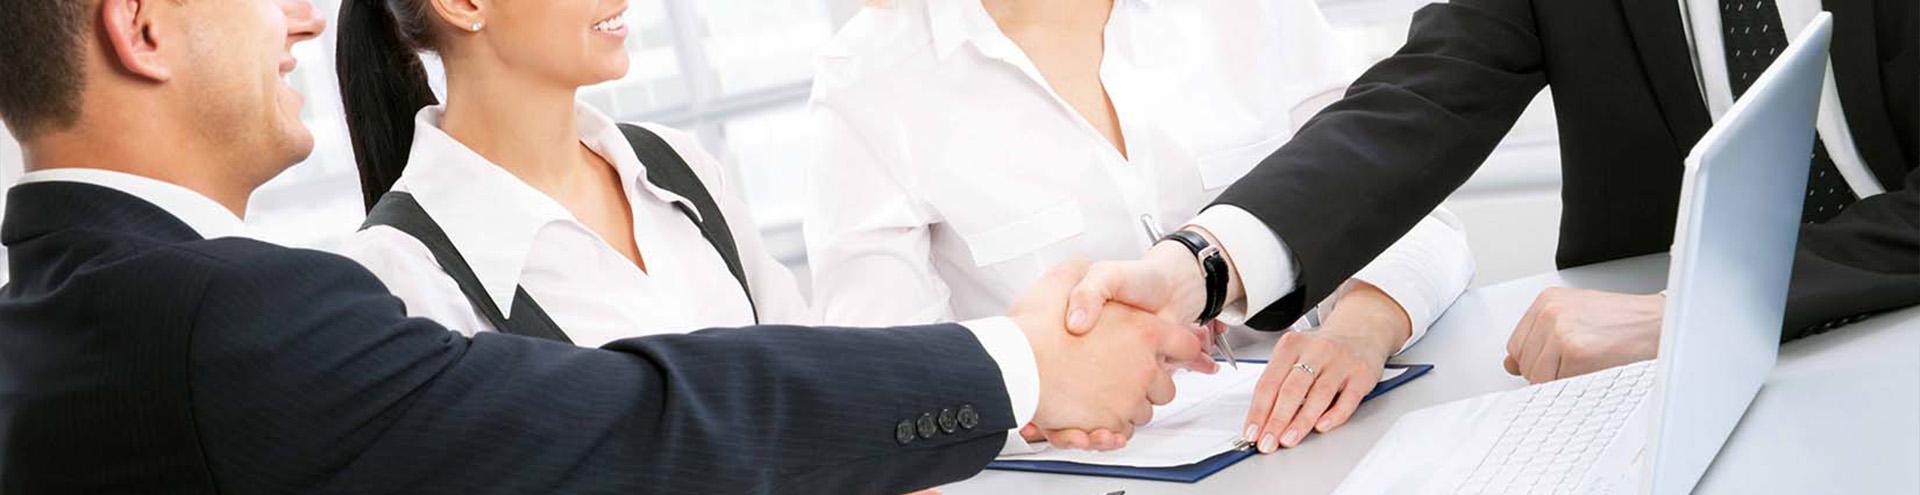 юридическое обслуживание физических лиц в Йошкар-Оле и Республике Марий Эл